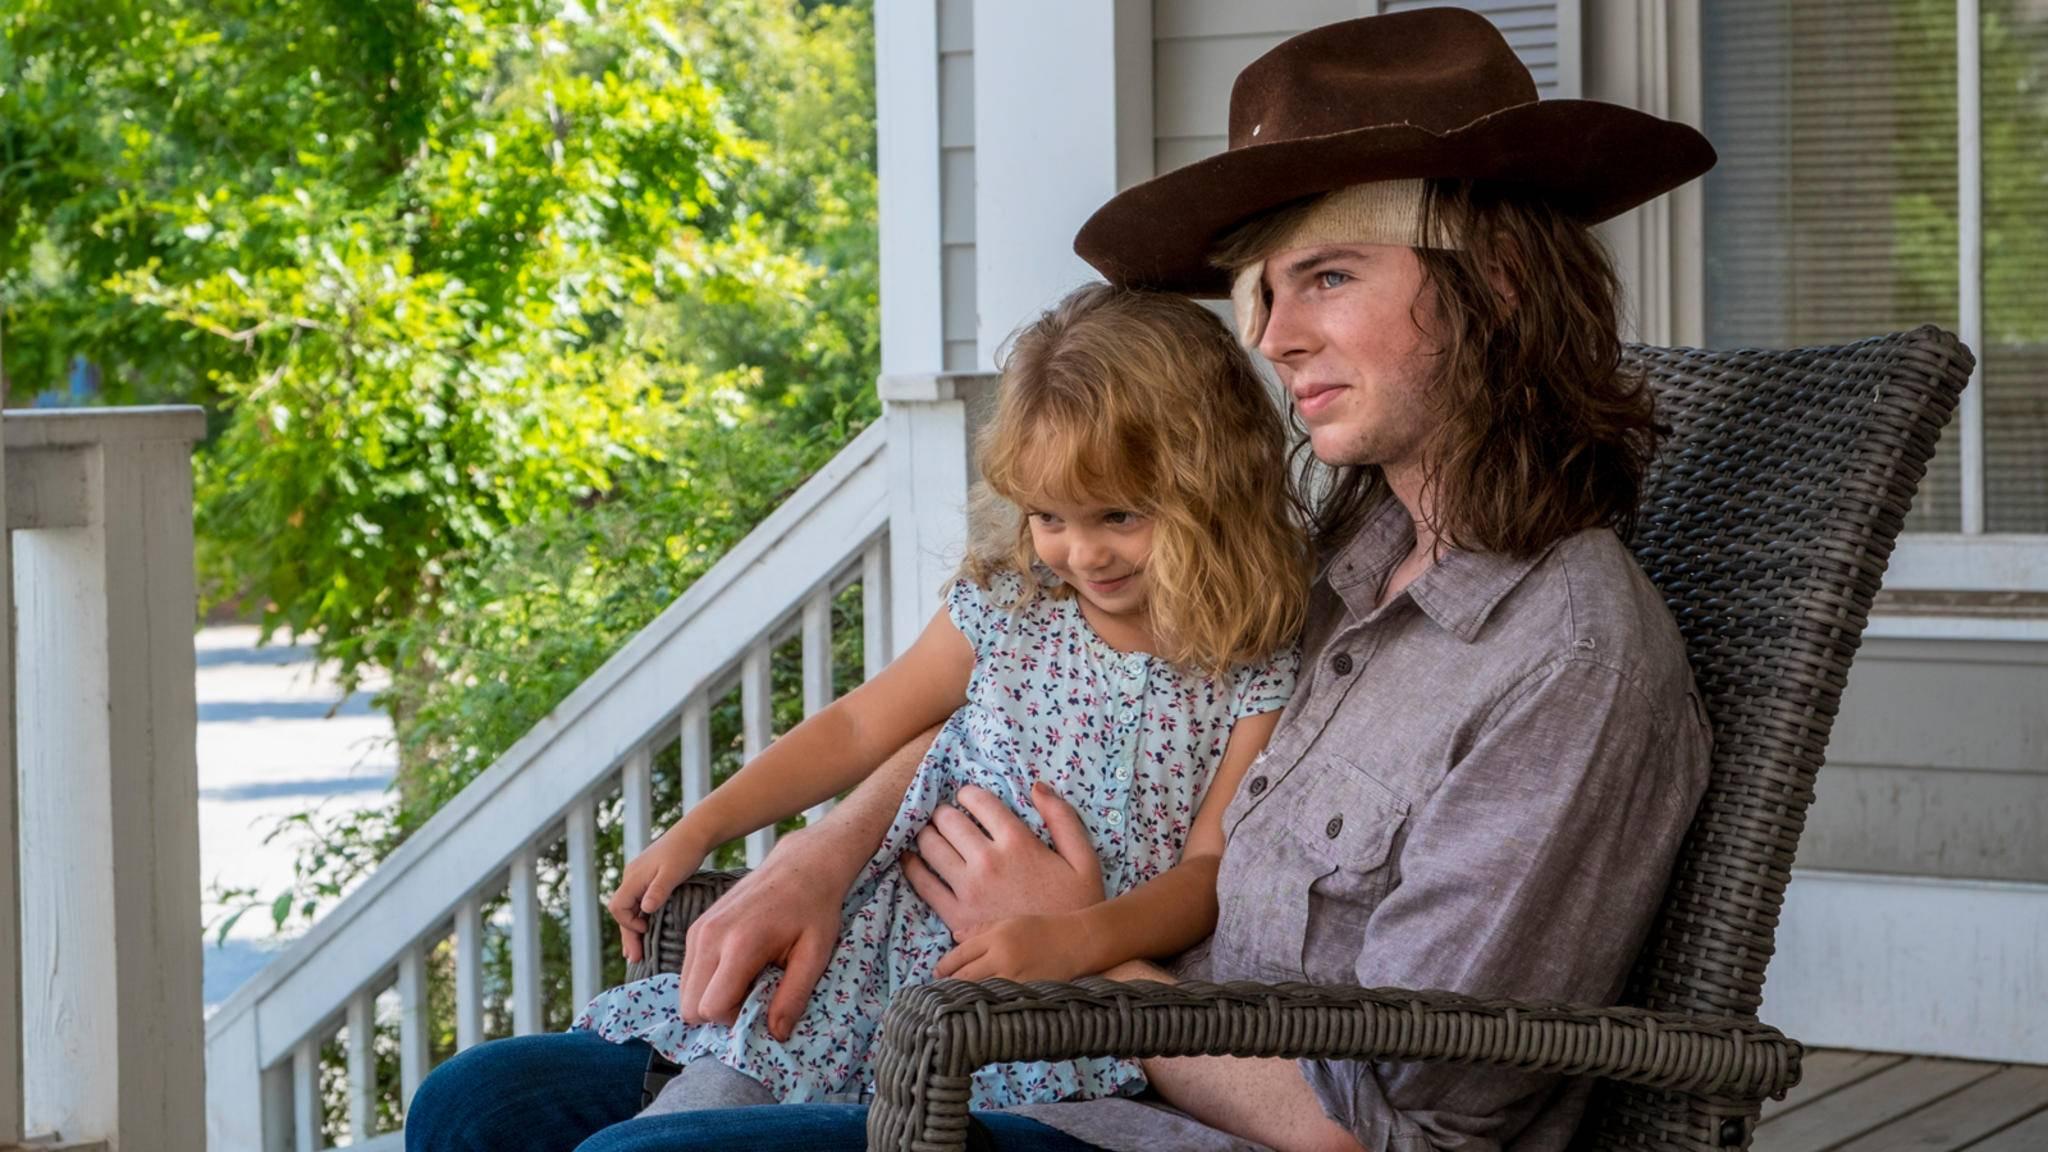 """Hat Carls Zukunftsvision in Staffel 9 von """"The Walking Dead"""" wirklich gute Aussichten?"""